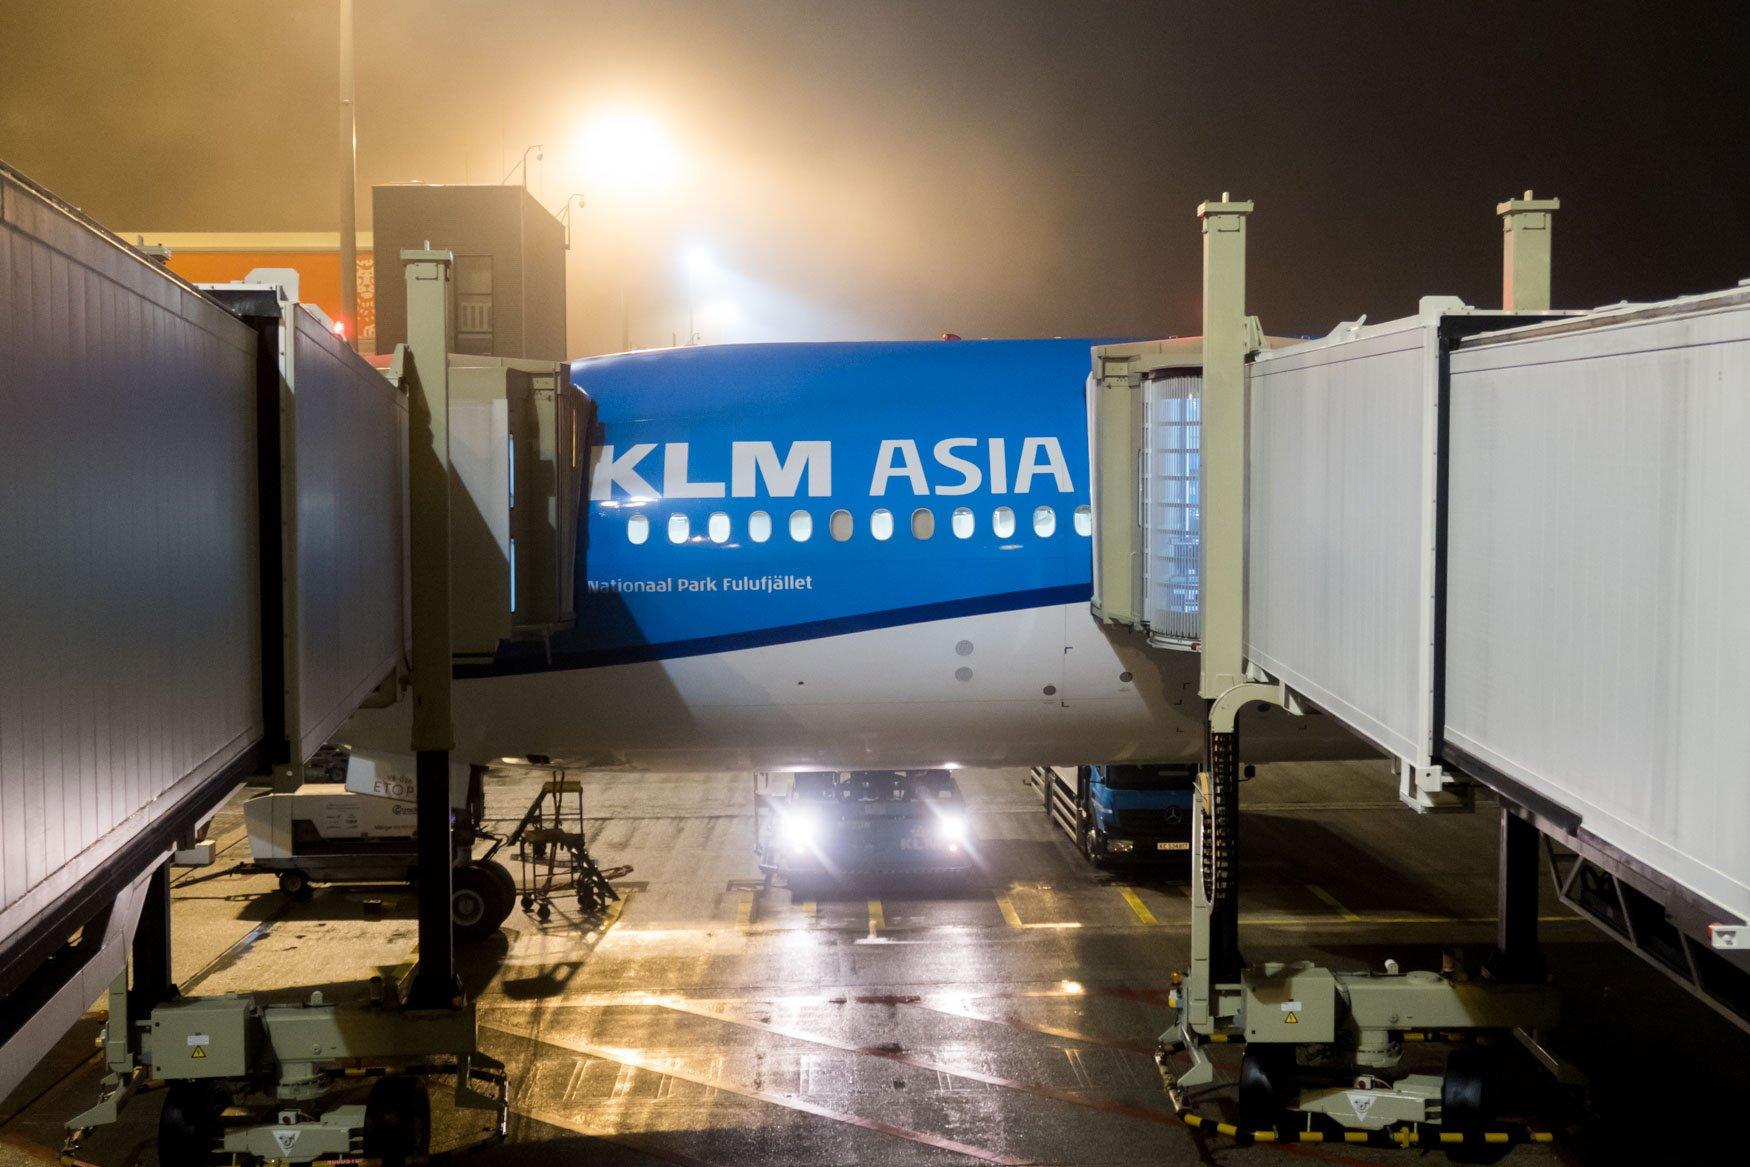 KLM Asia Boeing 777-300ER at Amsterdam Schiphol